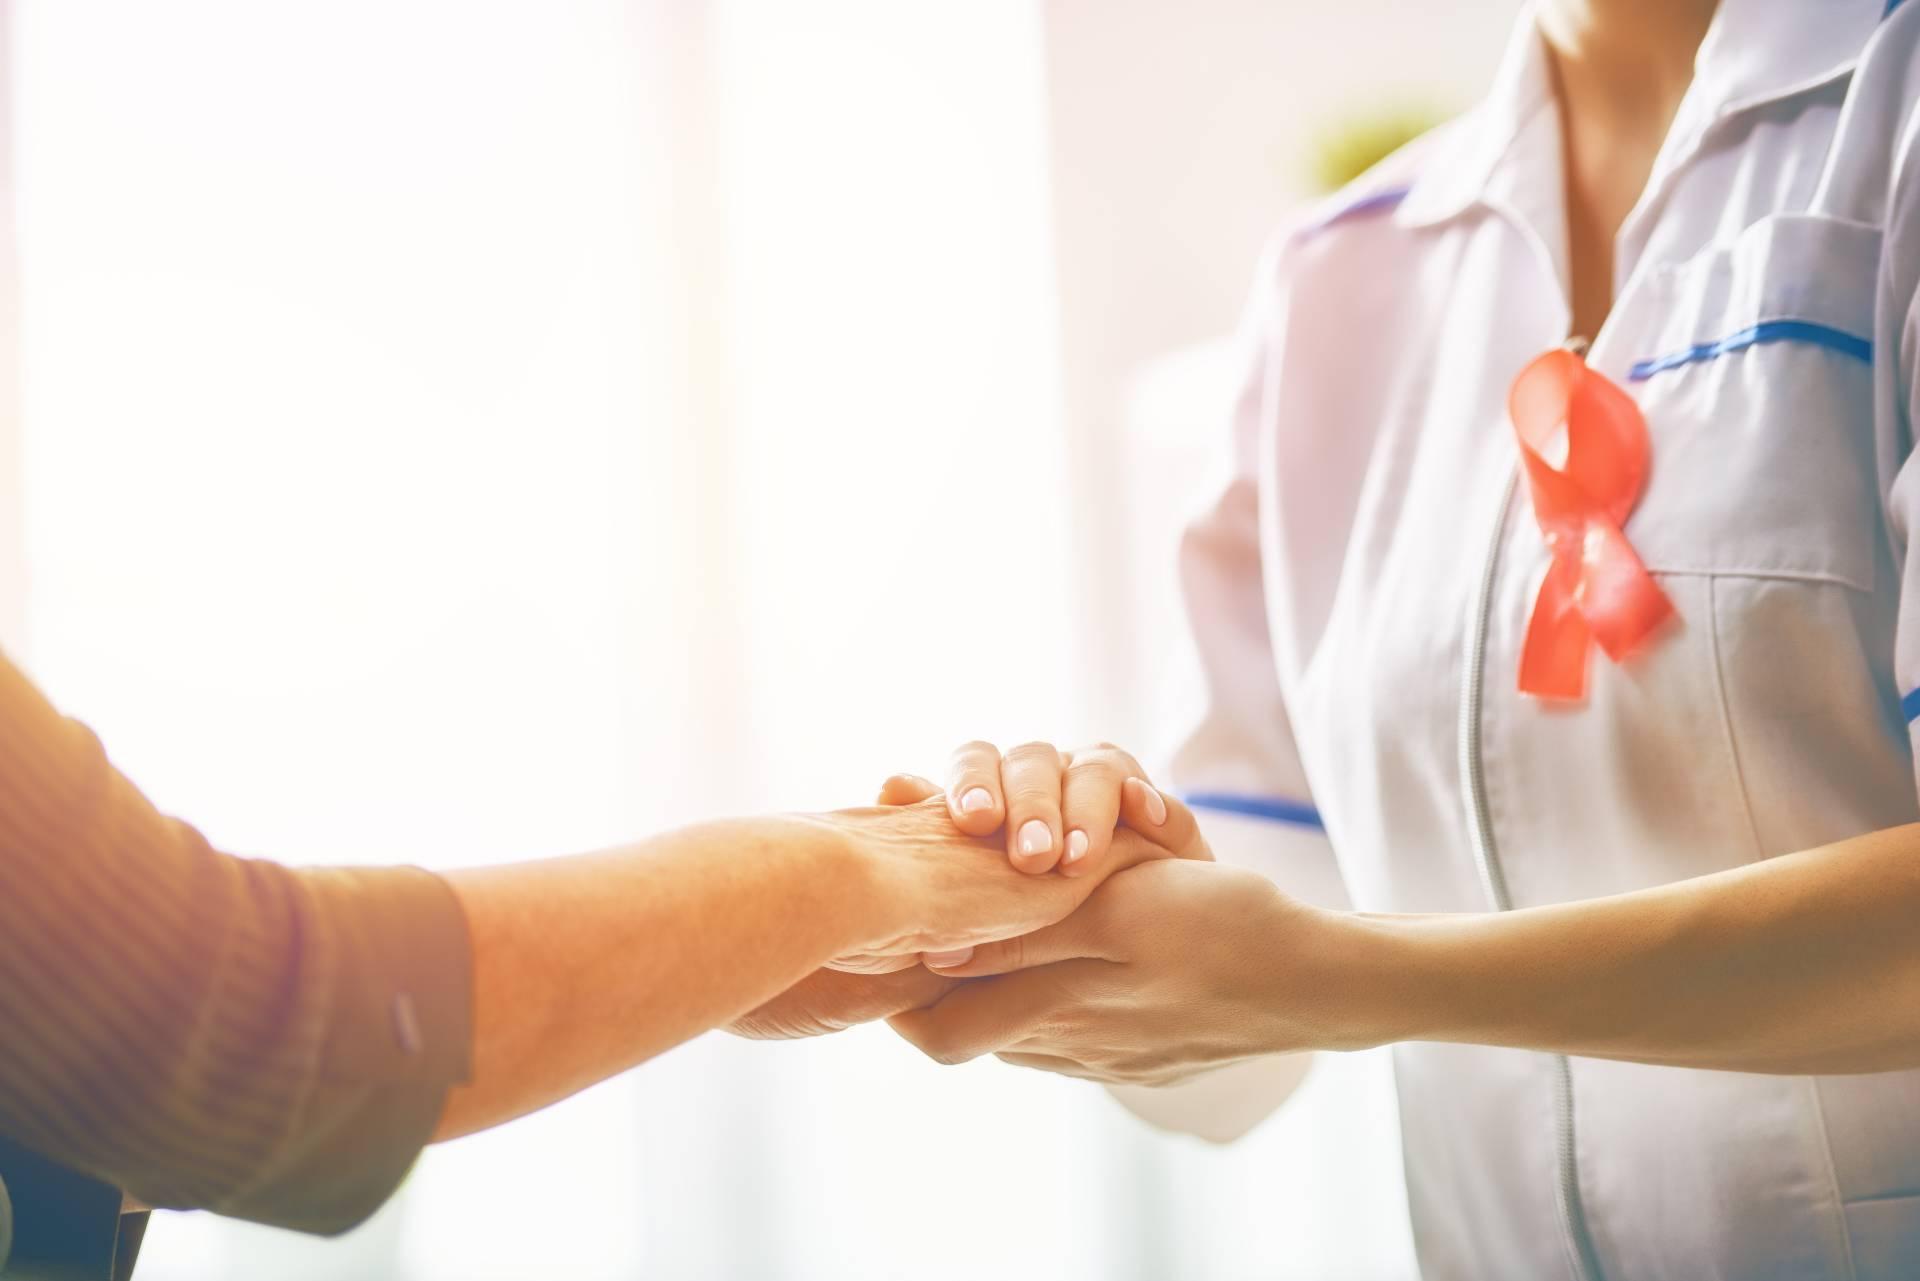 La fisioterapia después de una mastectomía - Consejos cáncer de mama